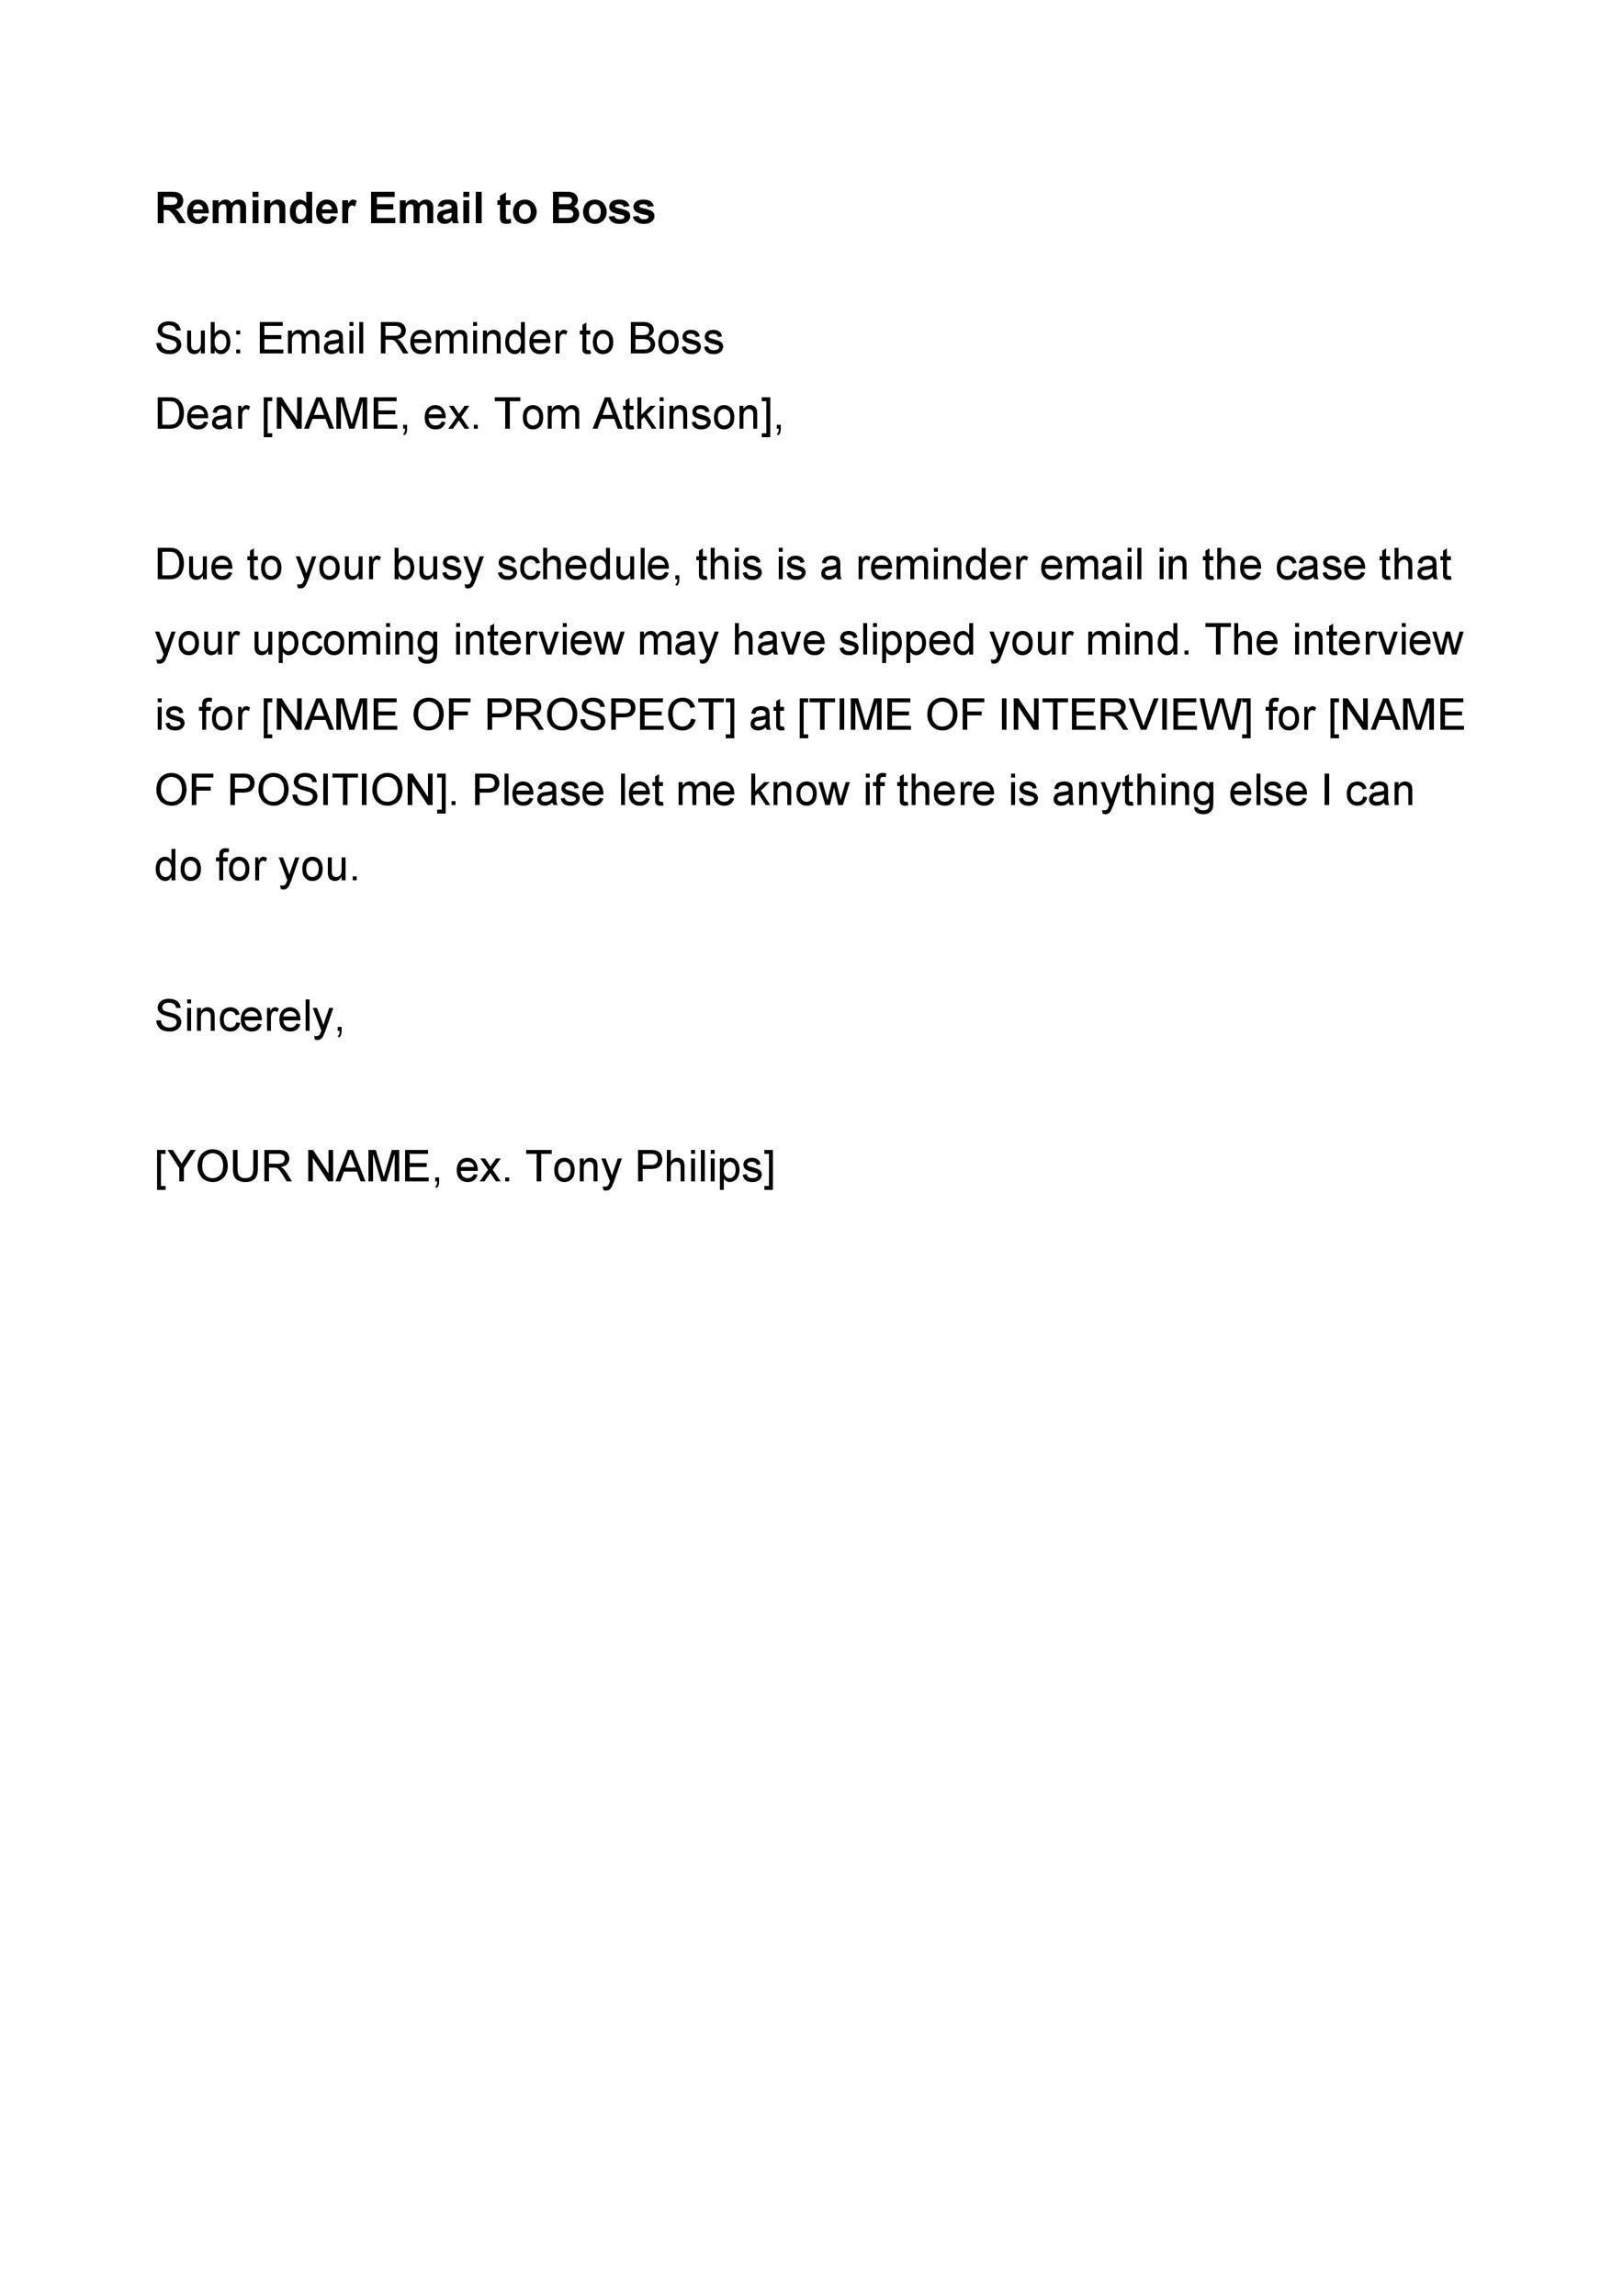 Free reminder email sample 09